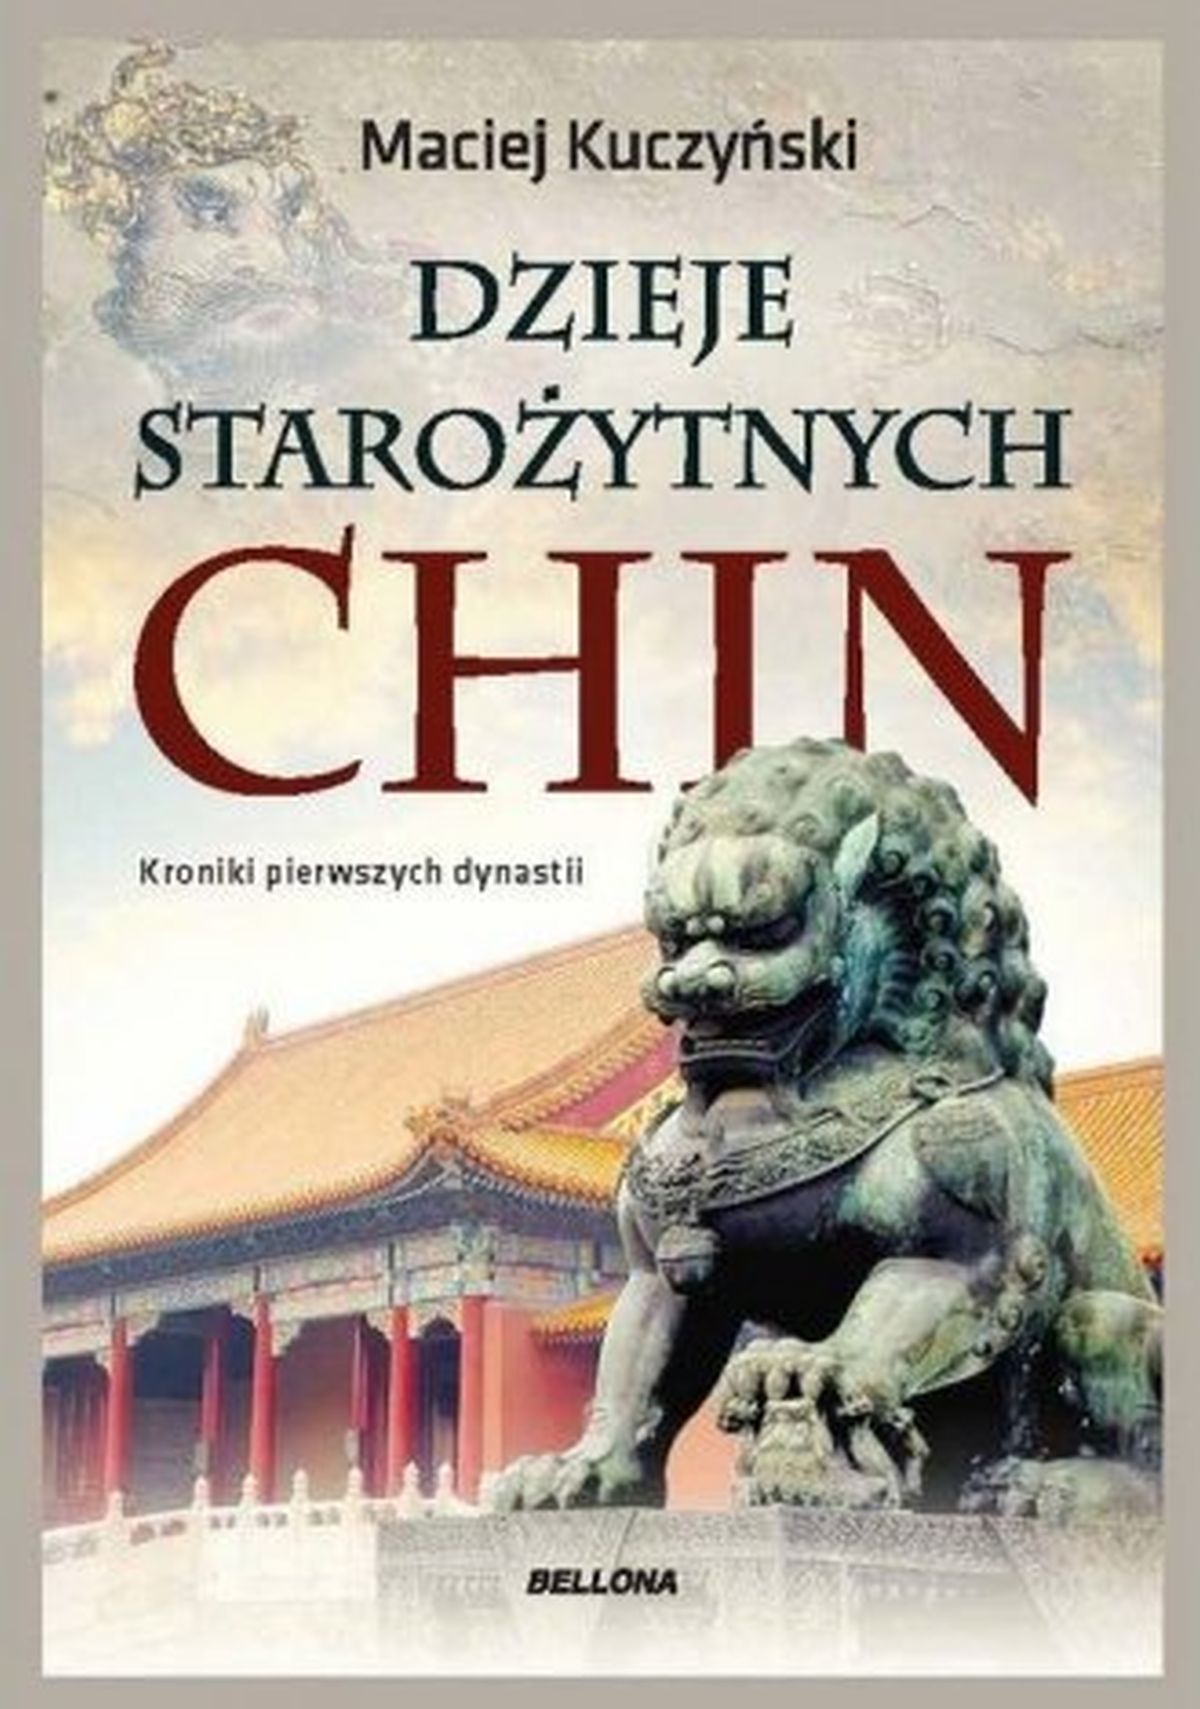 Maciej Kuczyński, Dzieje starożytnych Chin